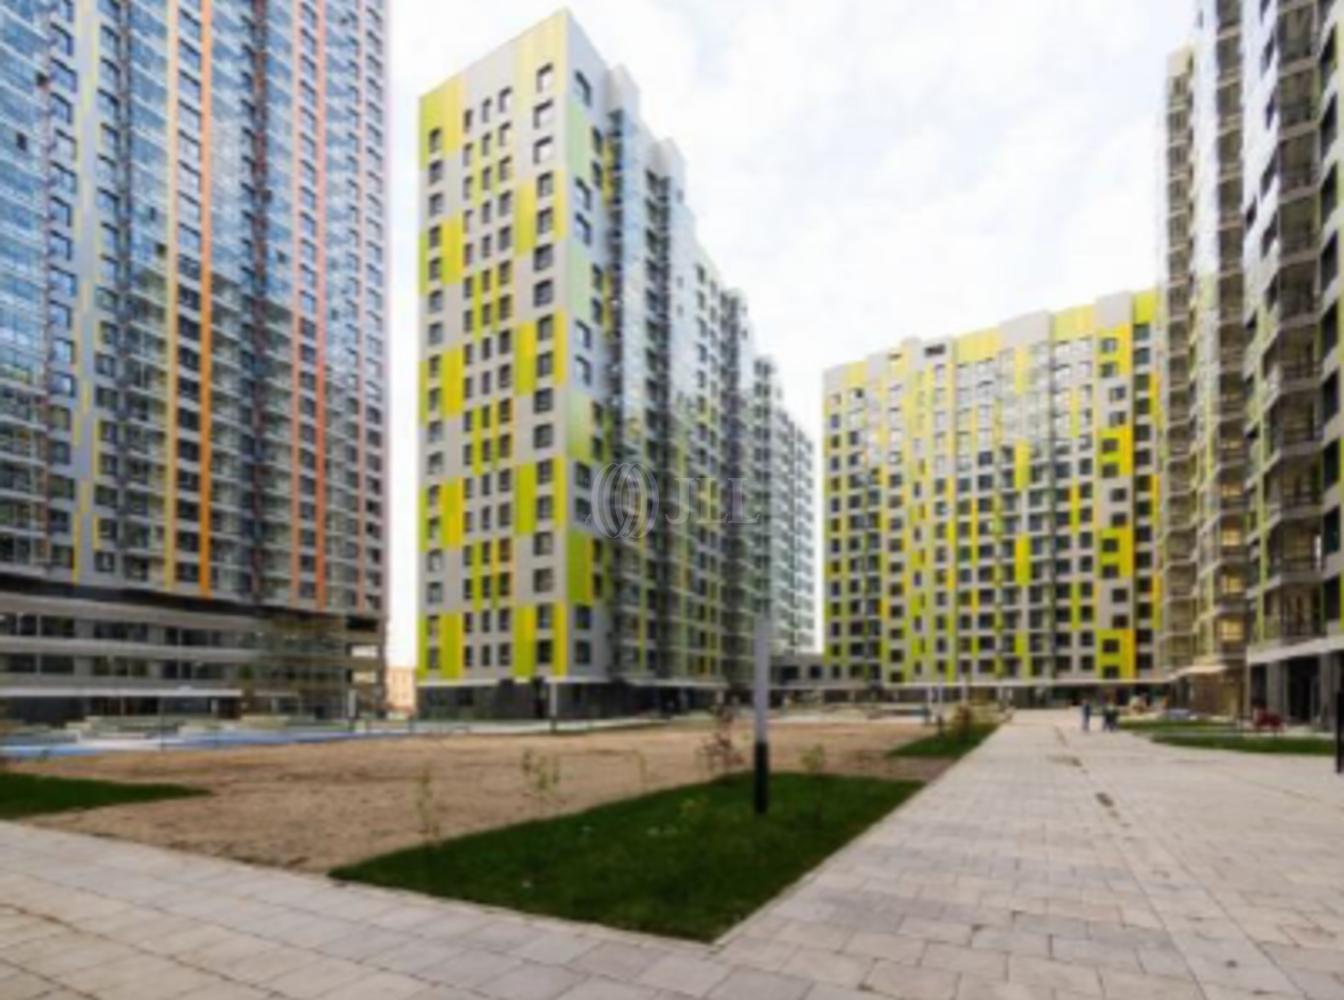 Офисная недвижимость Москва - Фили Град